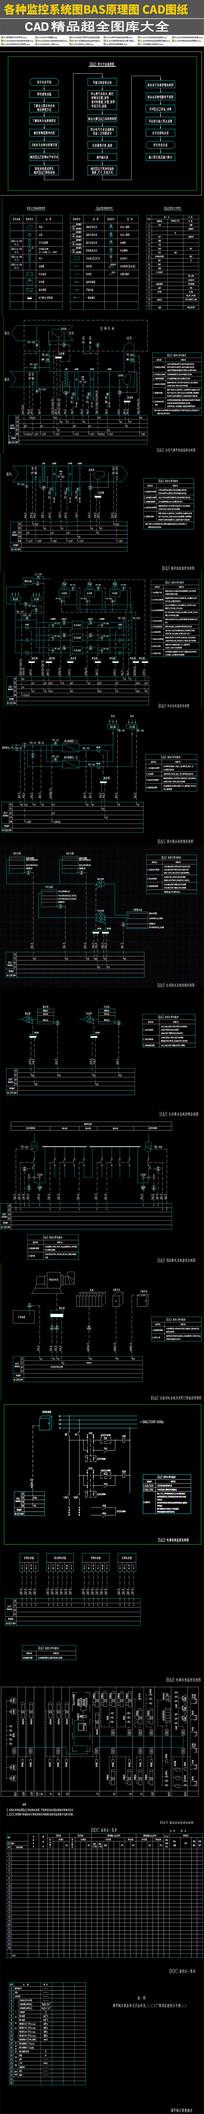 各种监控系统图BAS原理图CAD图纸